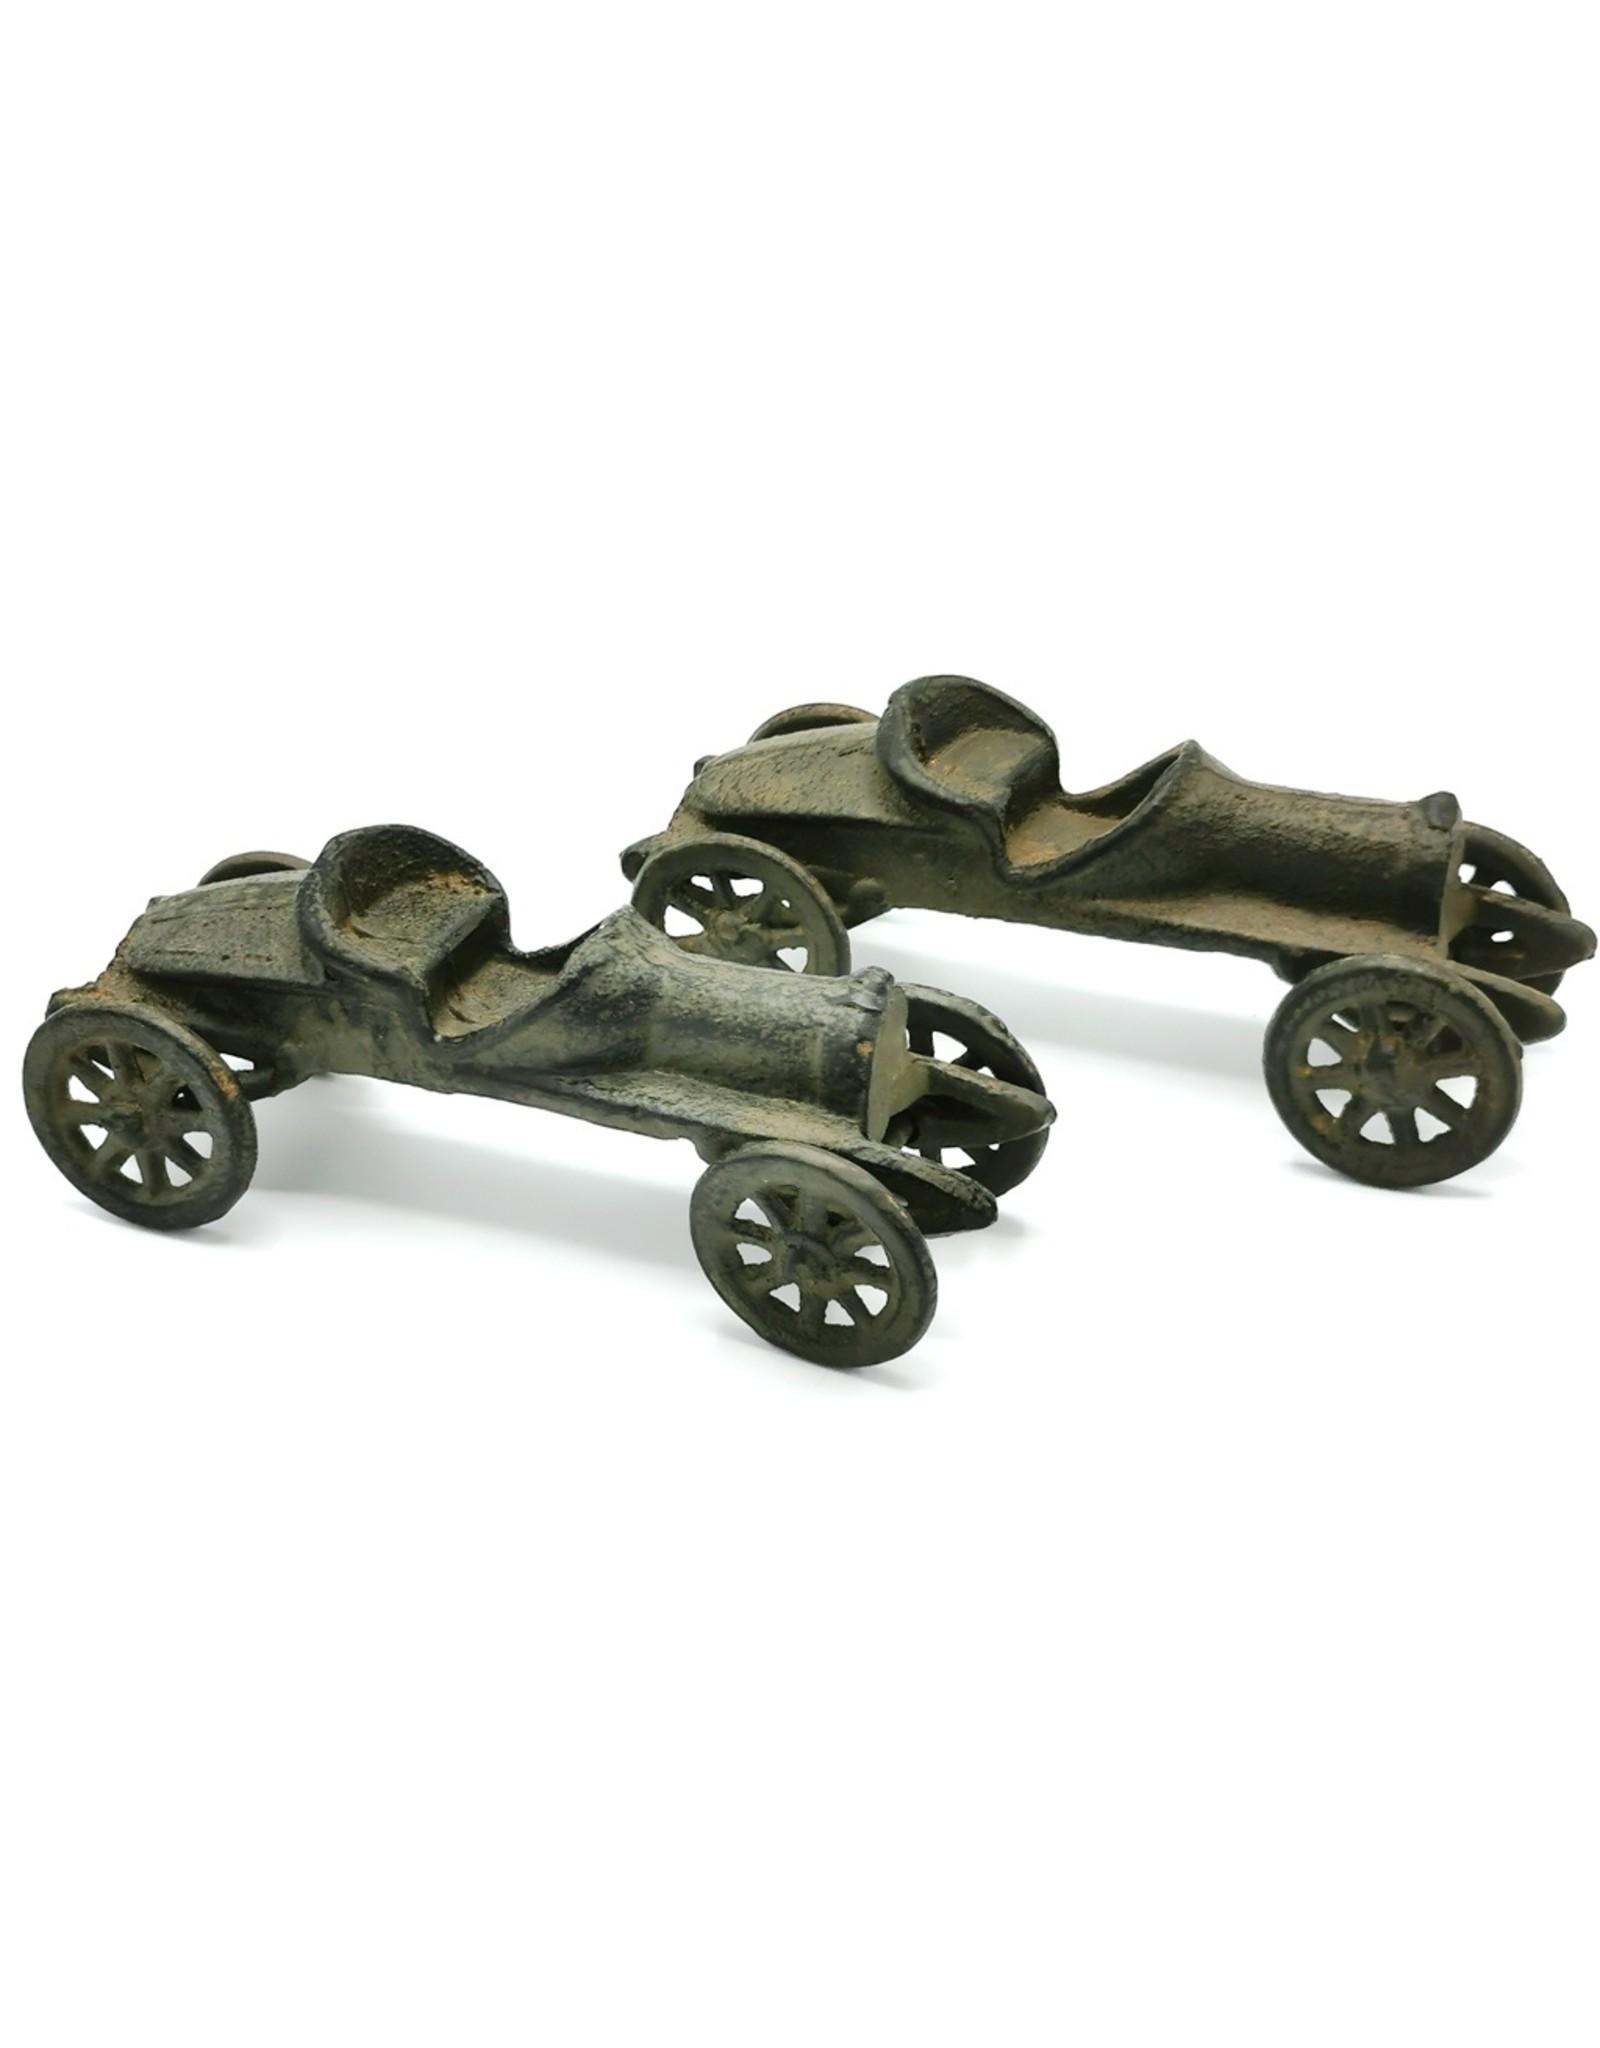 Gietijzeren Oldtimer miniatuur Giftware, beelden, collectables - Miniatuur Oldtimer Vintage look, gietijzer